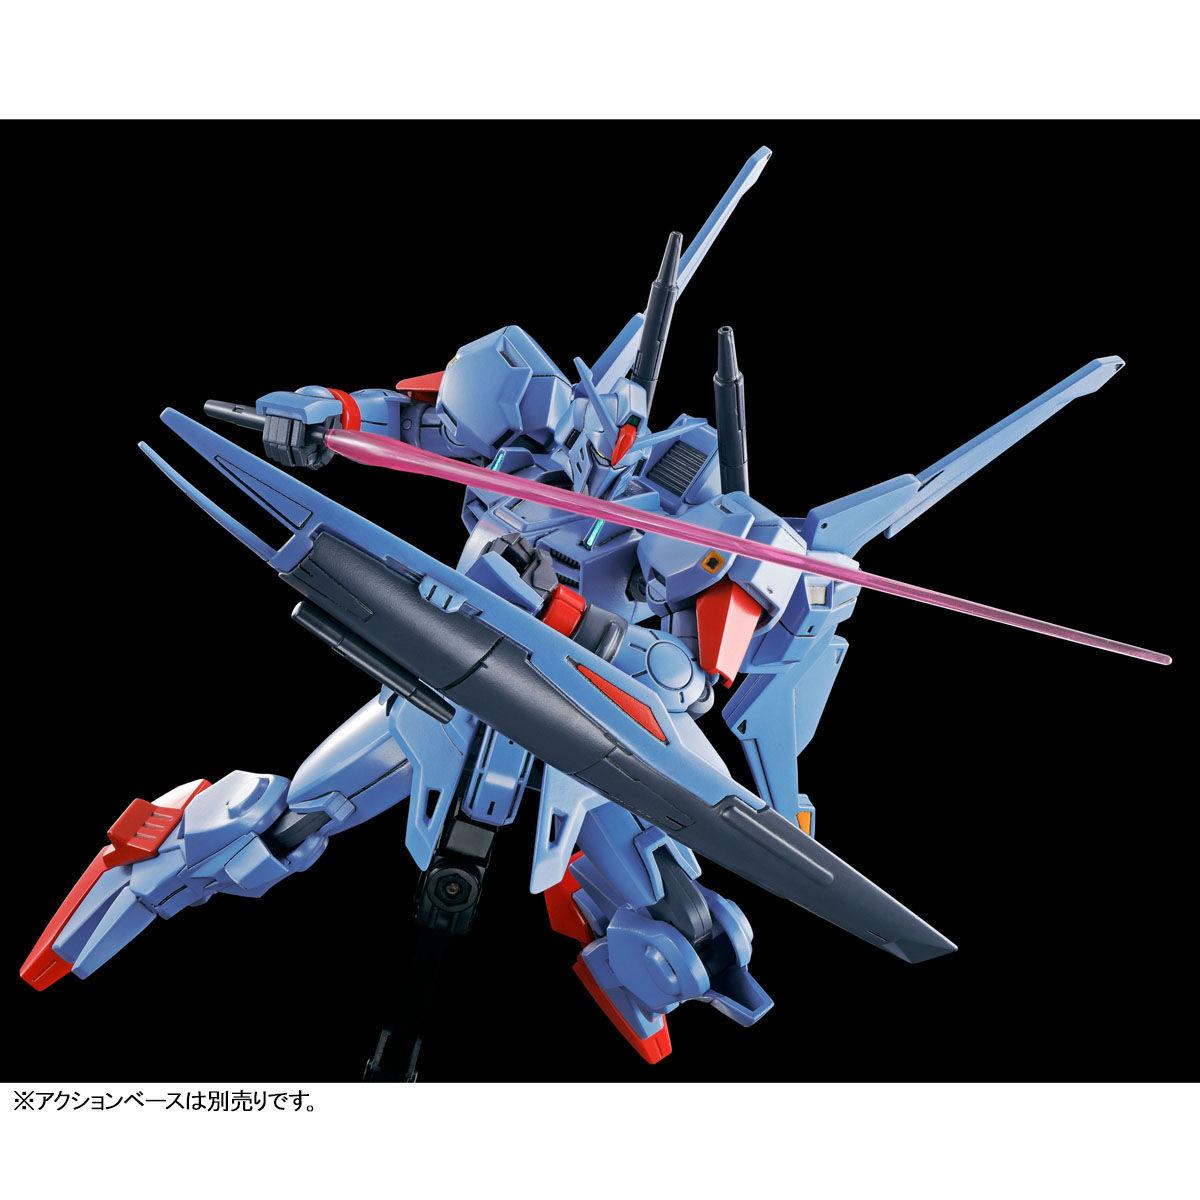 【限定販売】【2次】HG 1/144『ガンダムMk-III』Ζ-MSV プラモデル-008